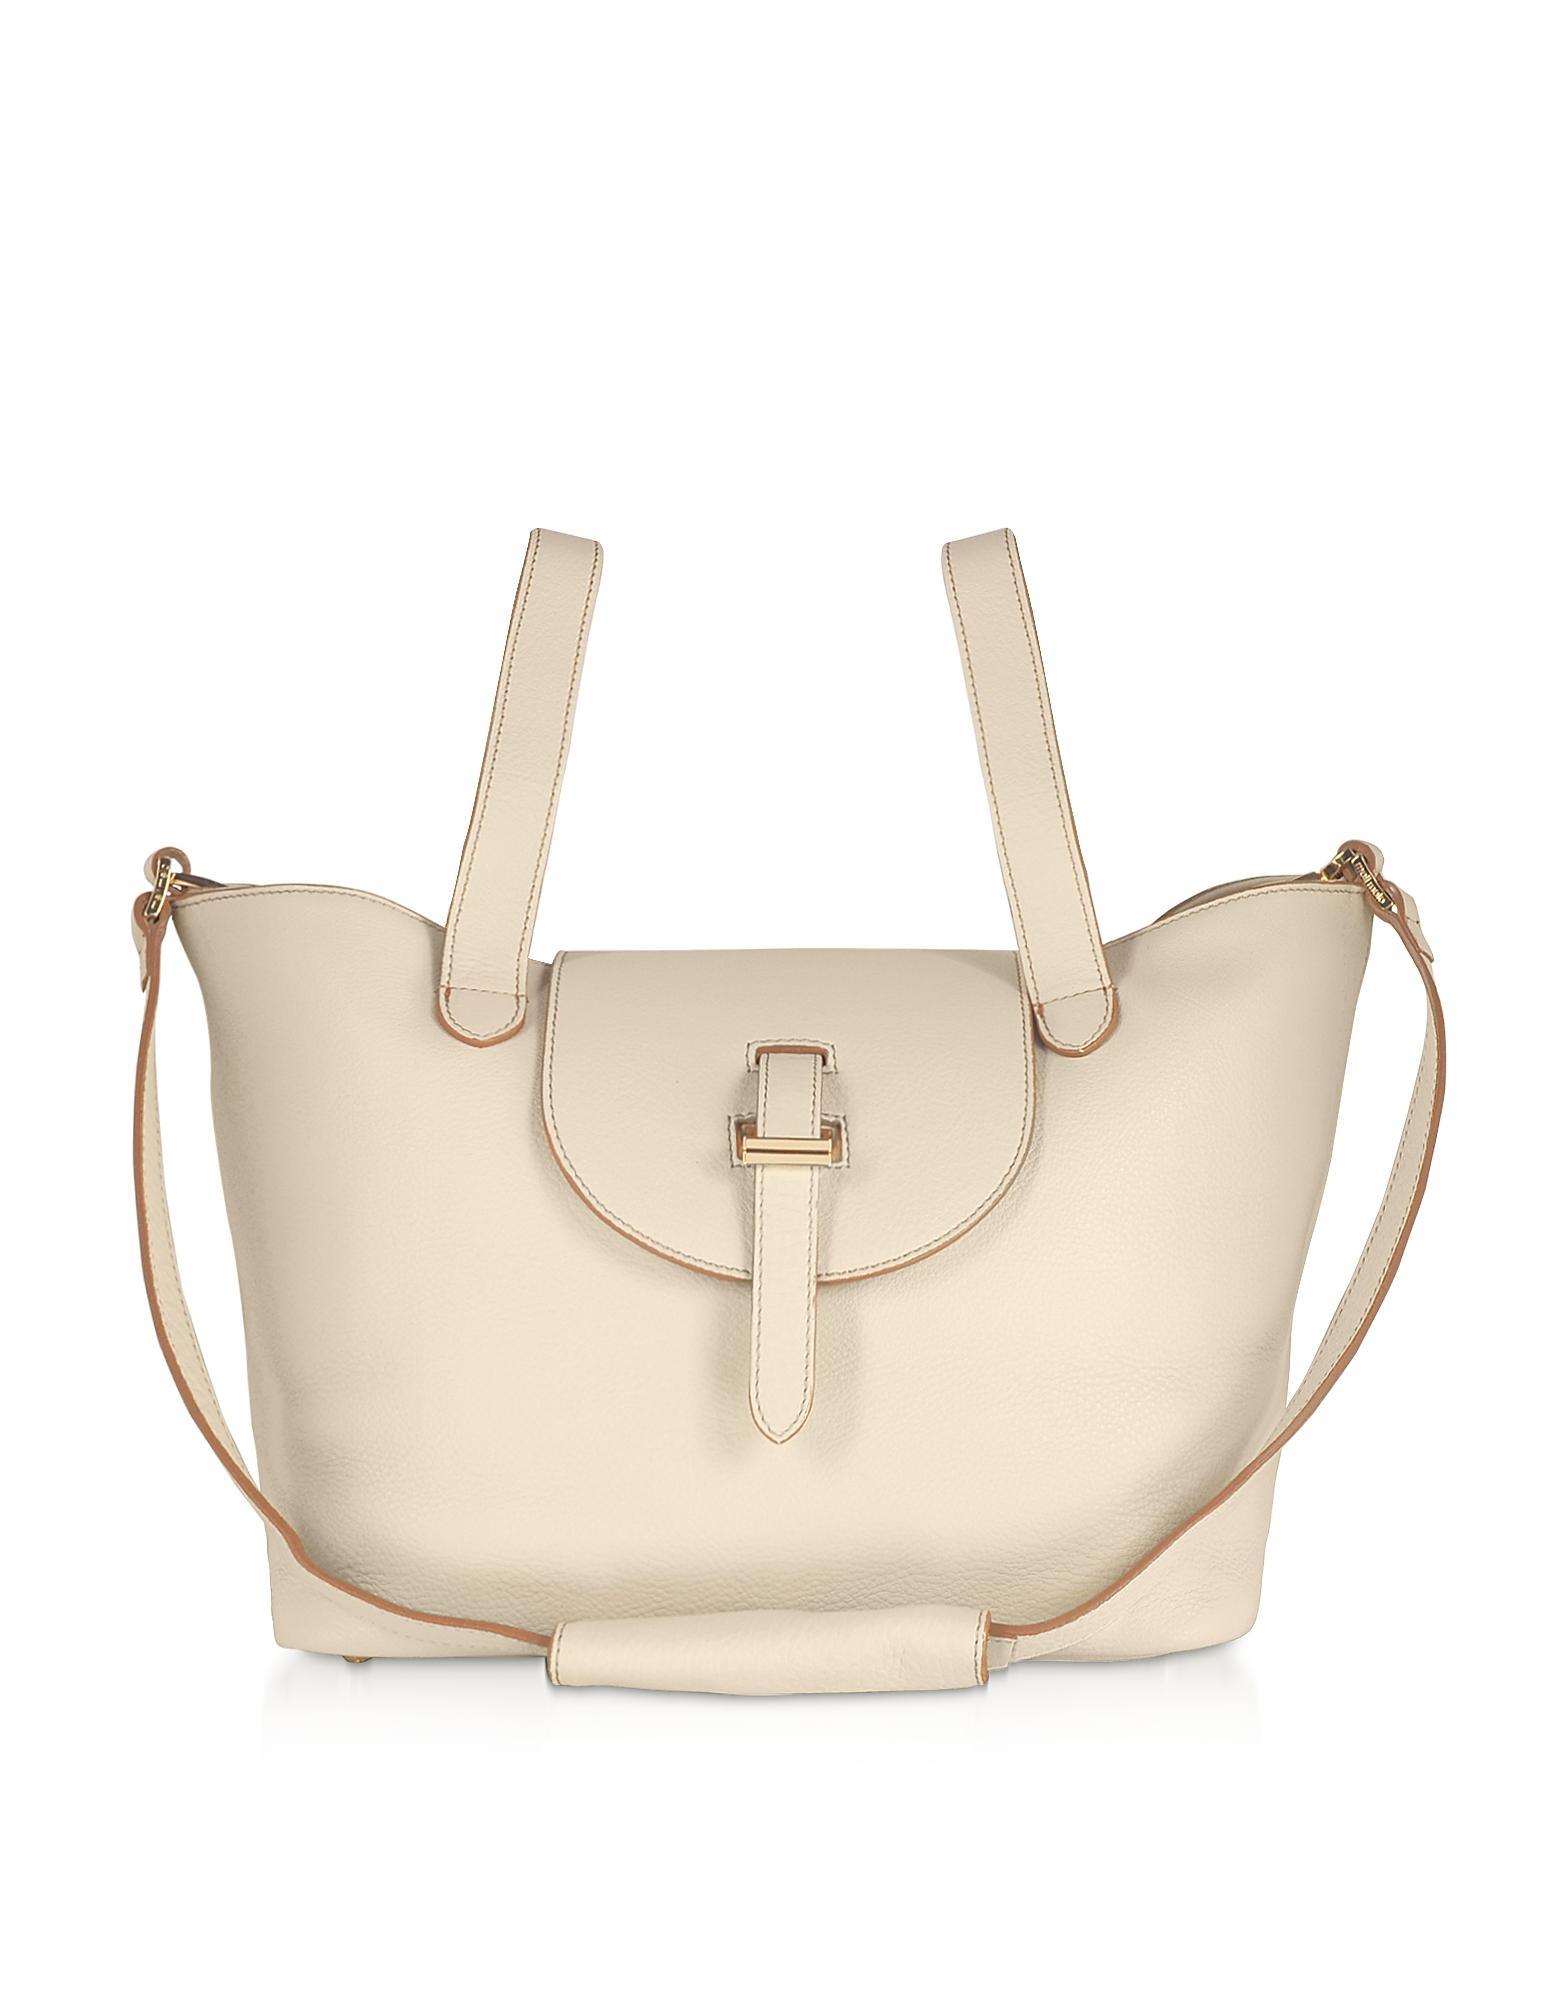 Meli Melo Designer Handbags, Porcelain Thela Medium Tote Bag